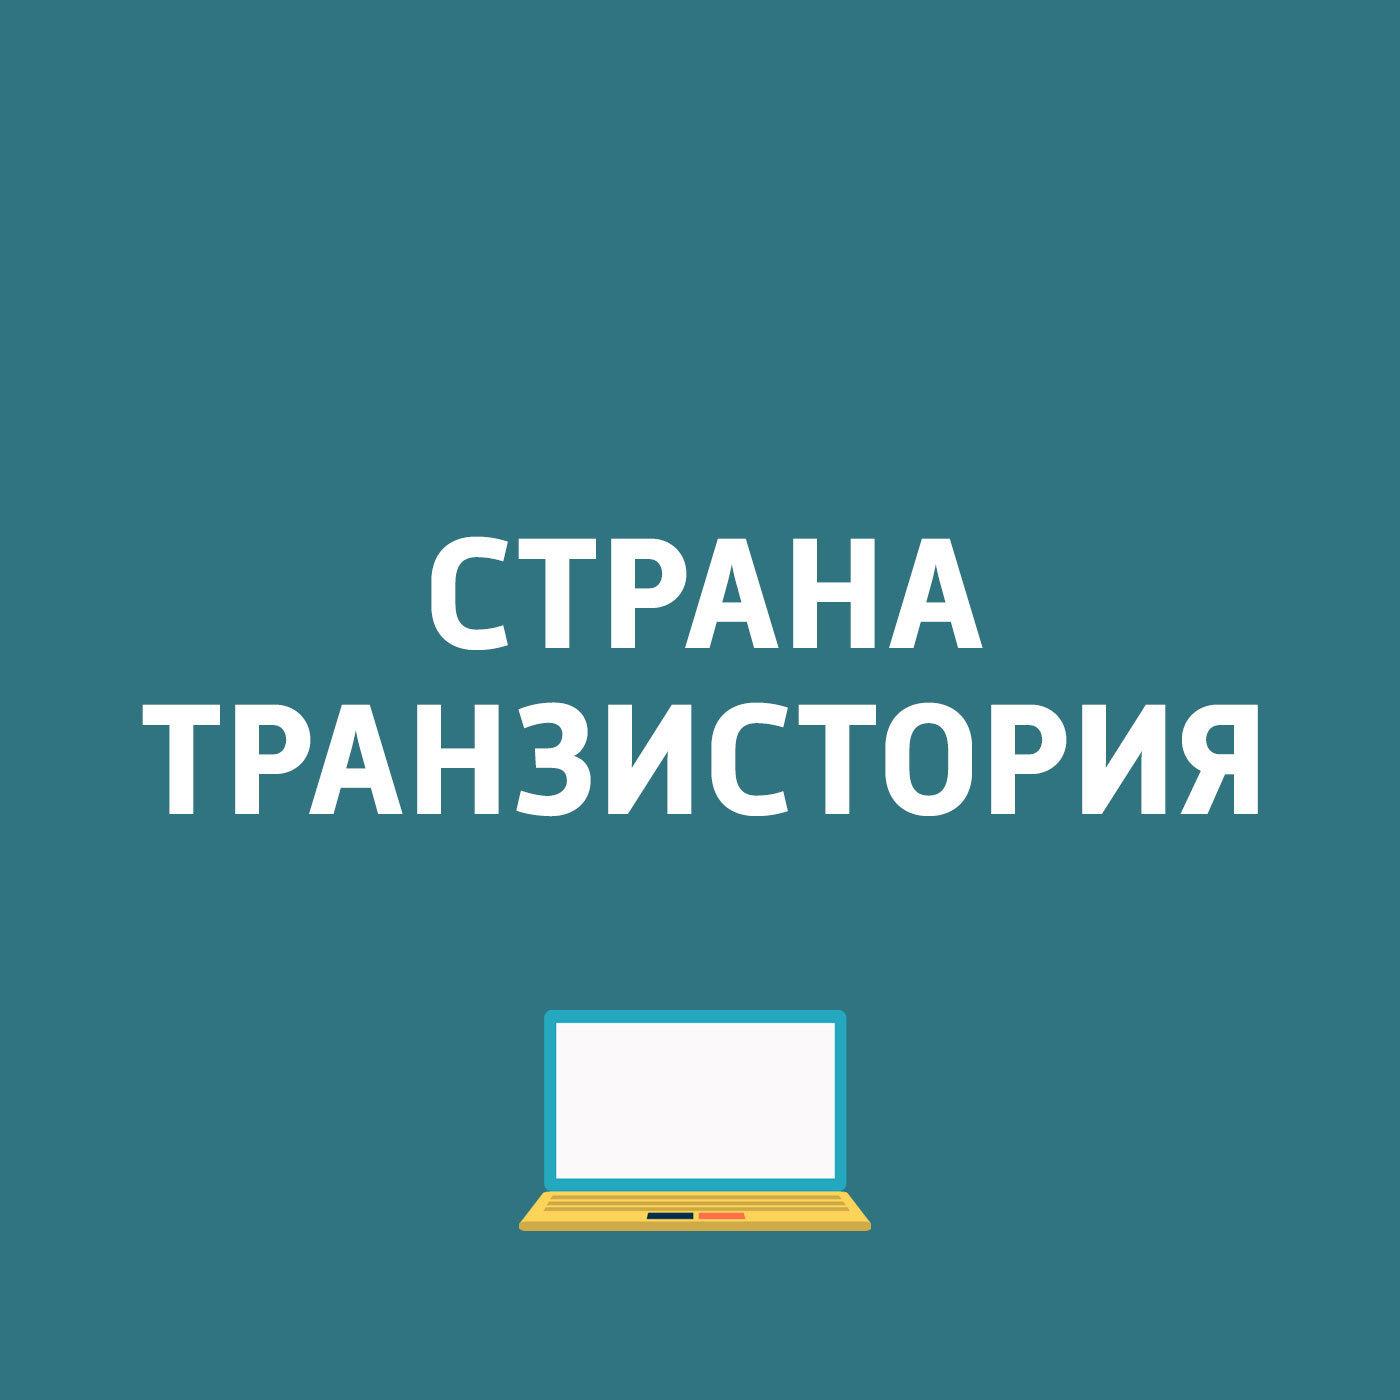 все цены на Картаев Павел Google использует нейросети для перевода с русского языка, Google play - 5 лет